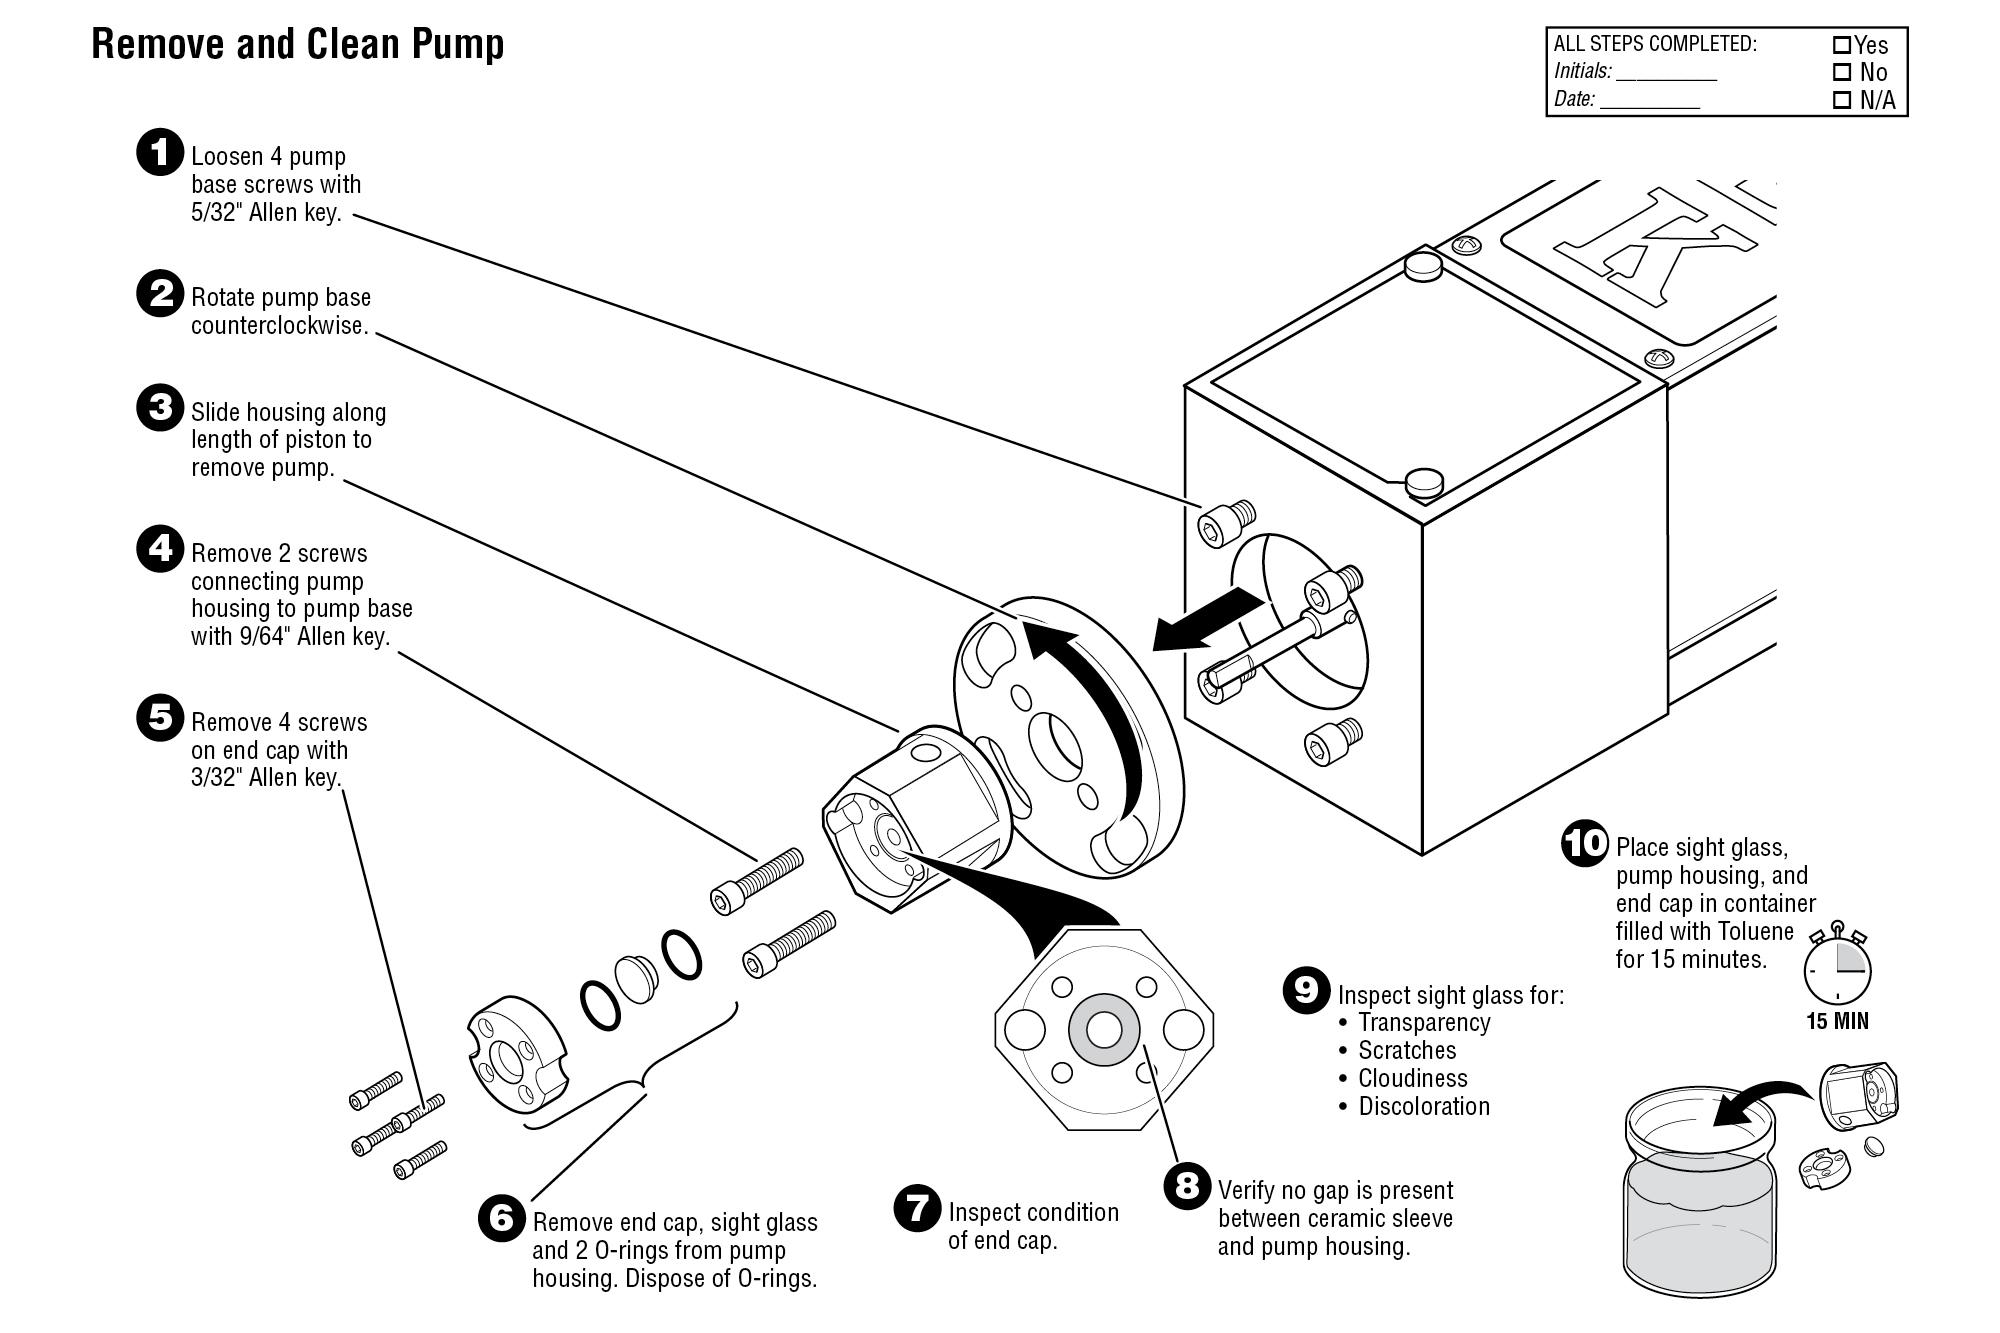 Explainers: Maintenance Procedure